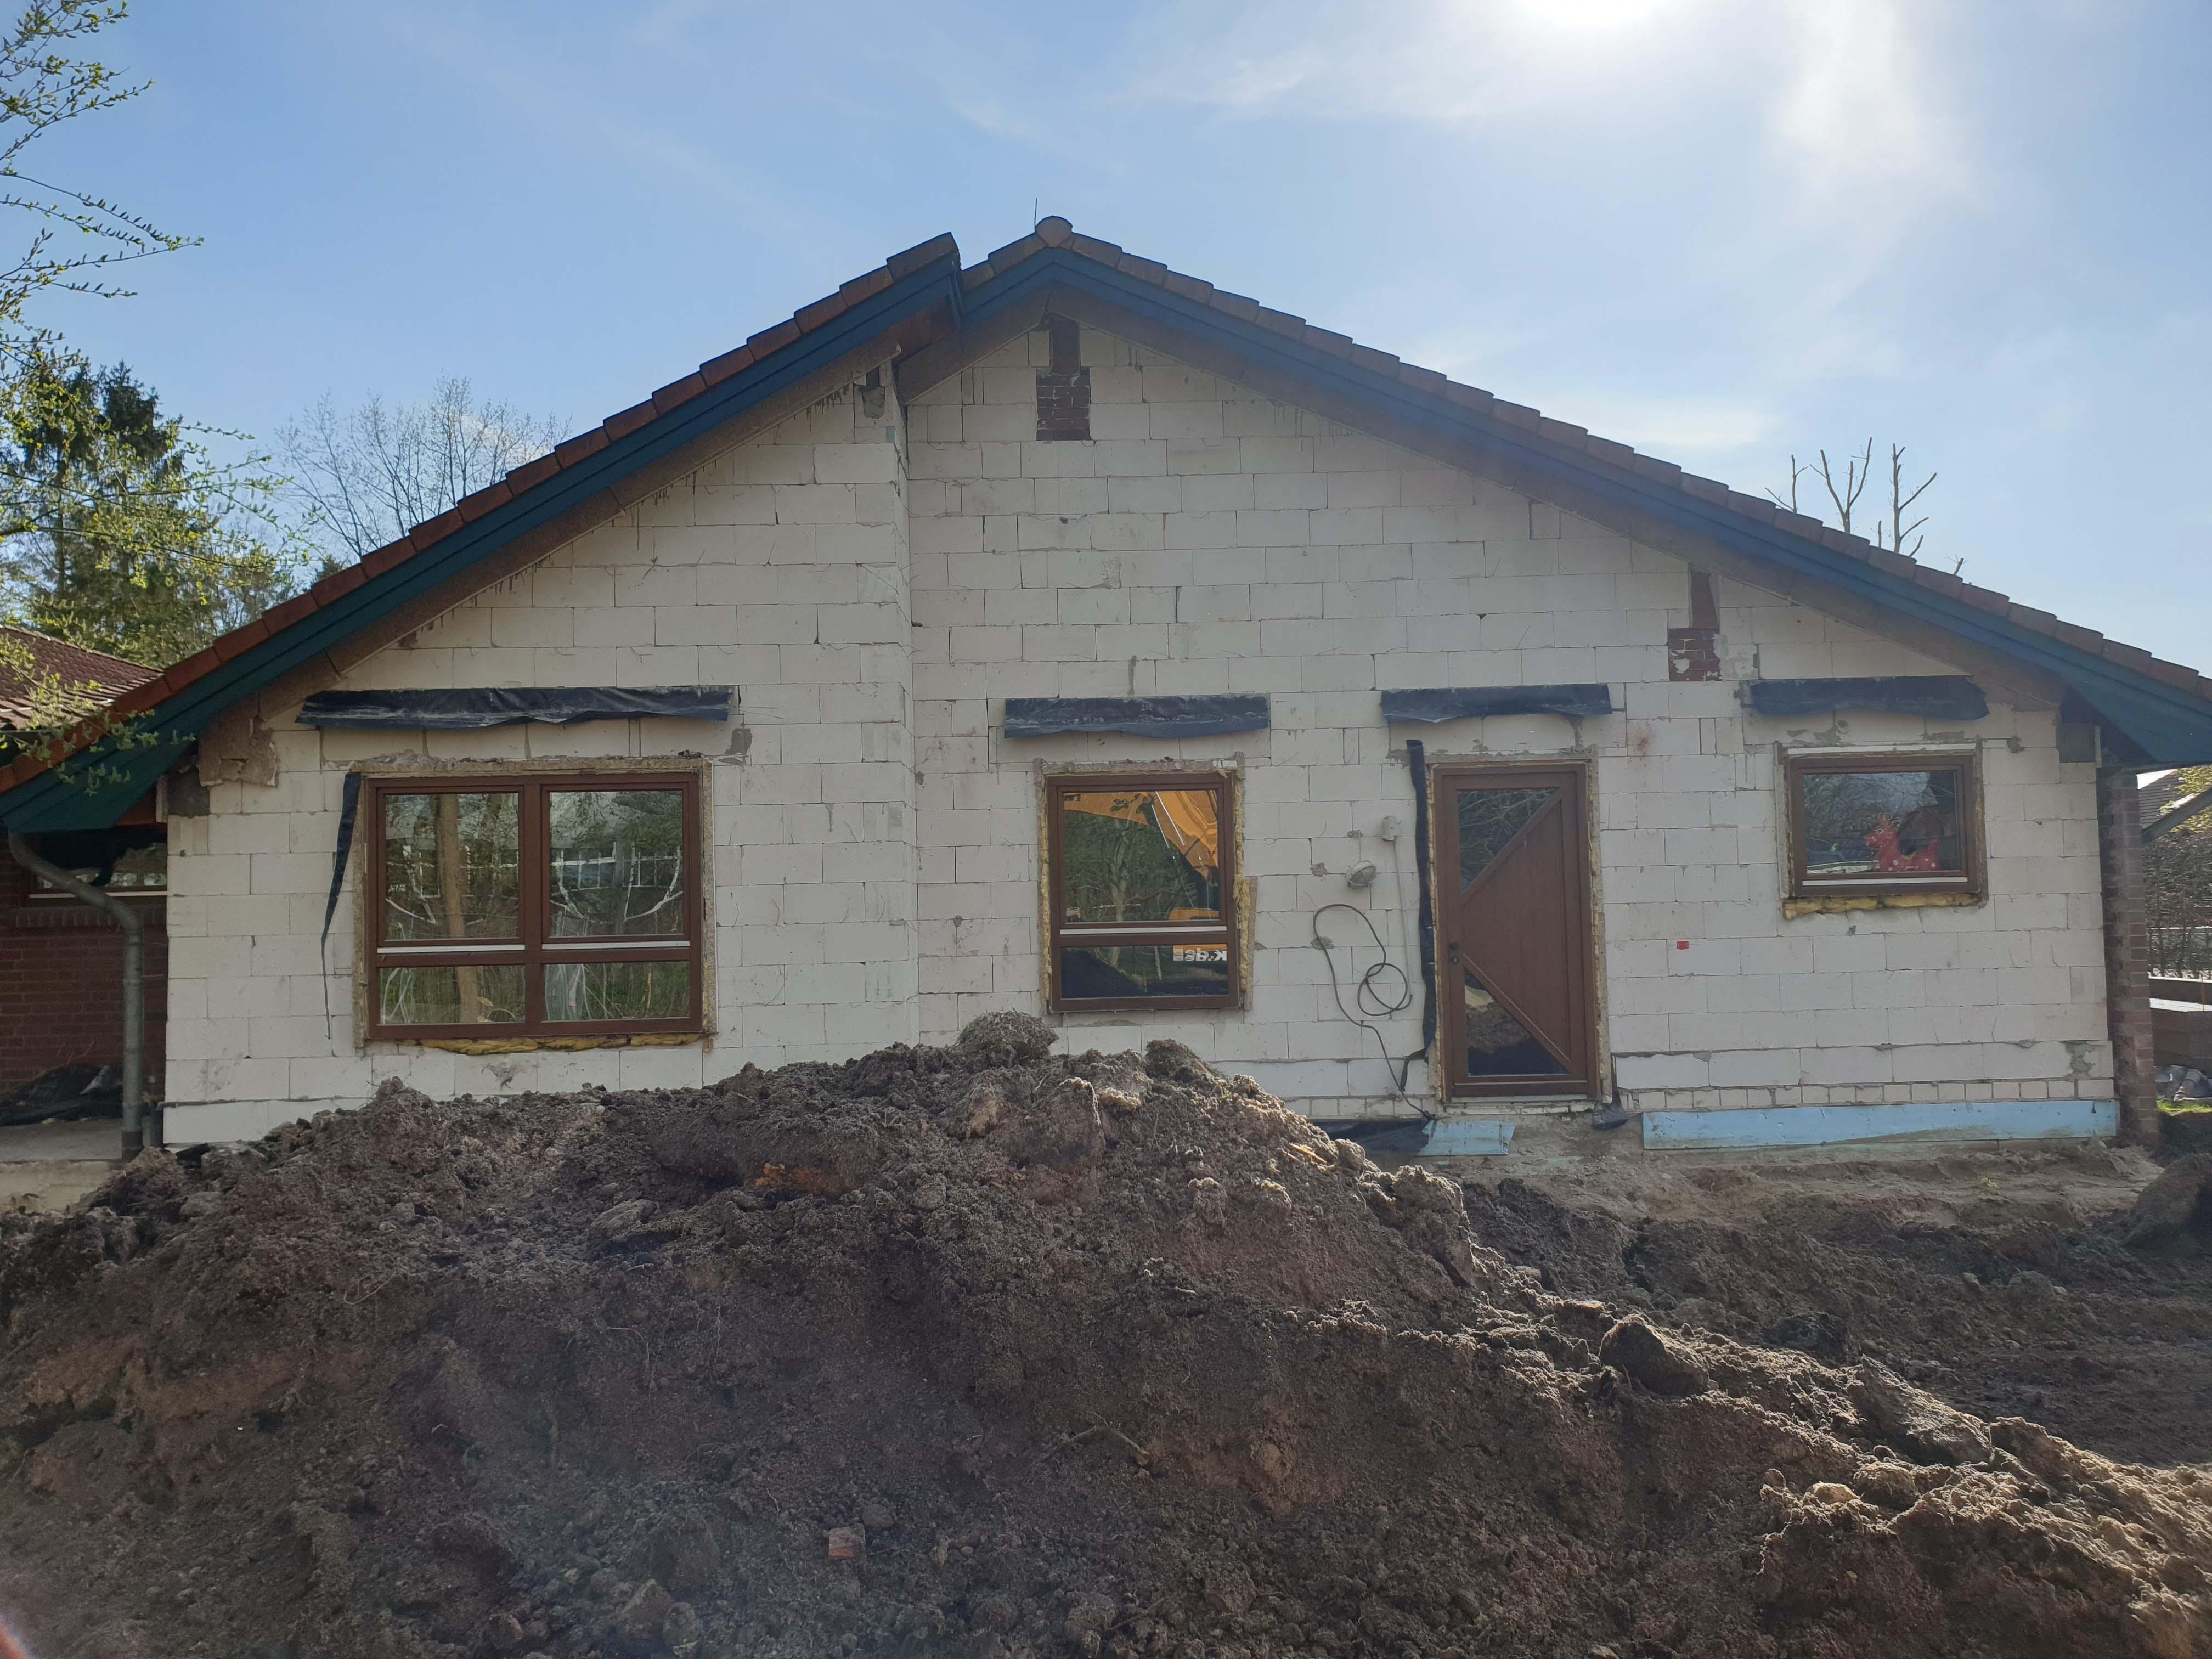 Das Gebäude ohne Verblendung und während der Auskofferung.